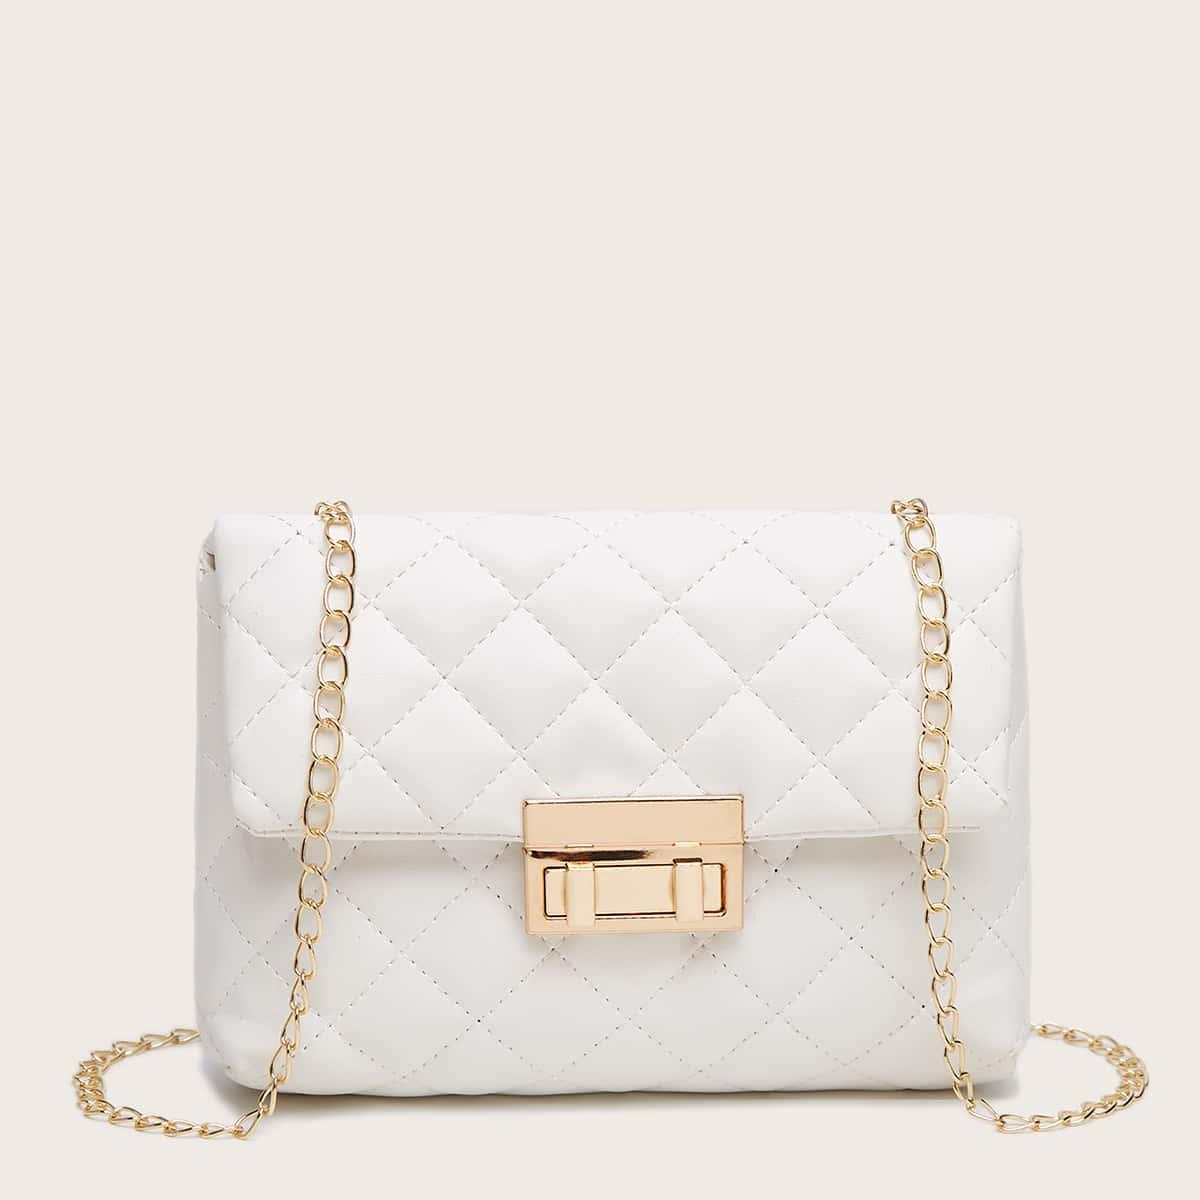 Цепочка стеганая Детские сумки через плечо SheIn skbag18201110748